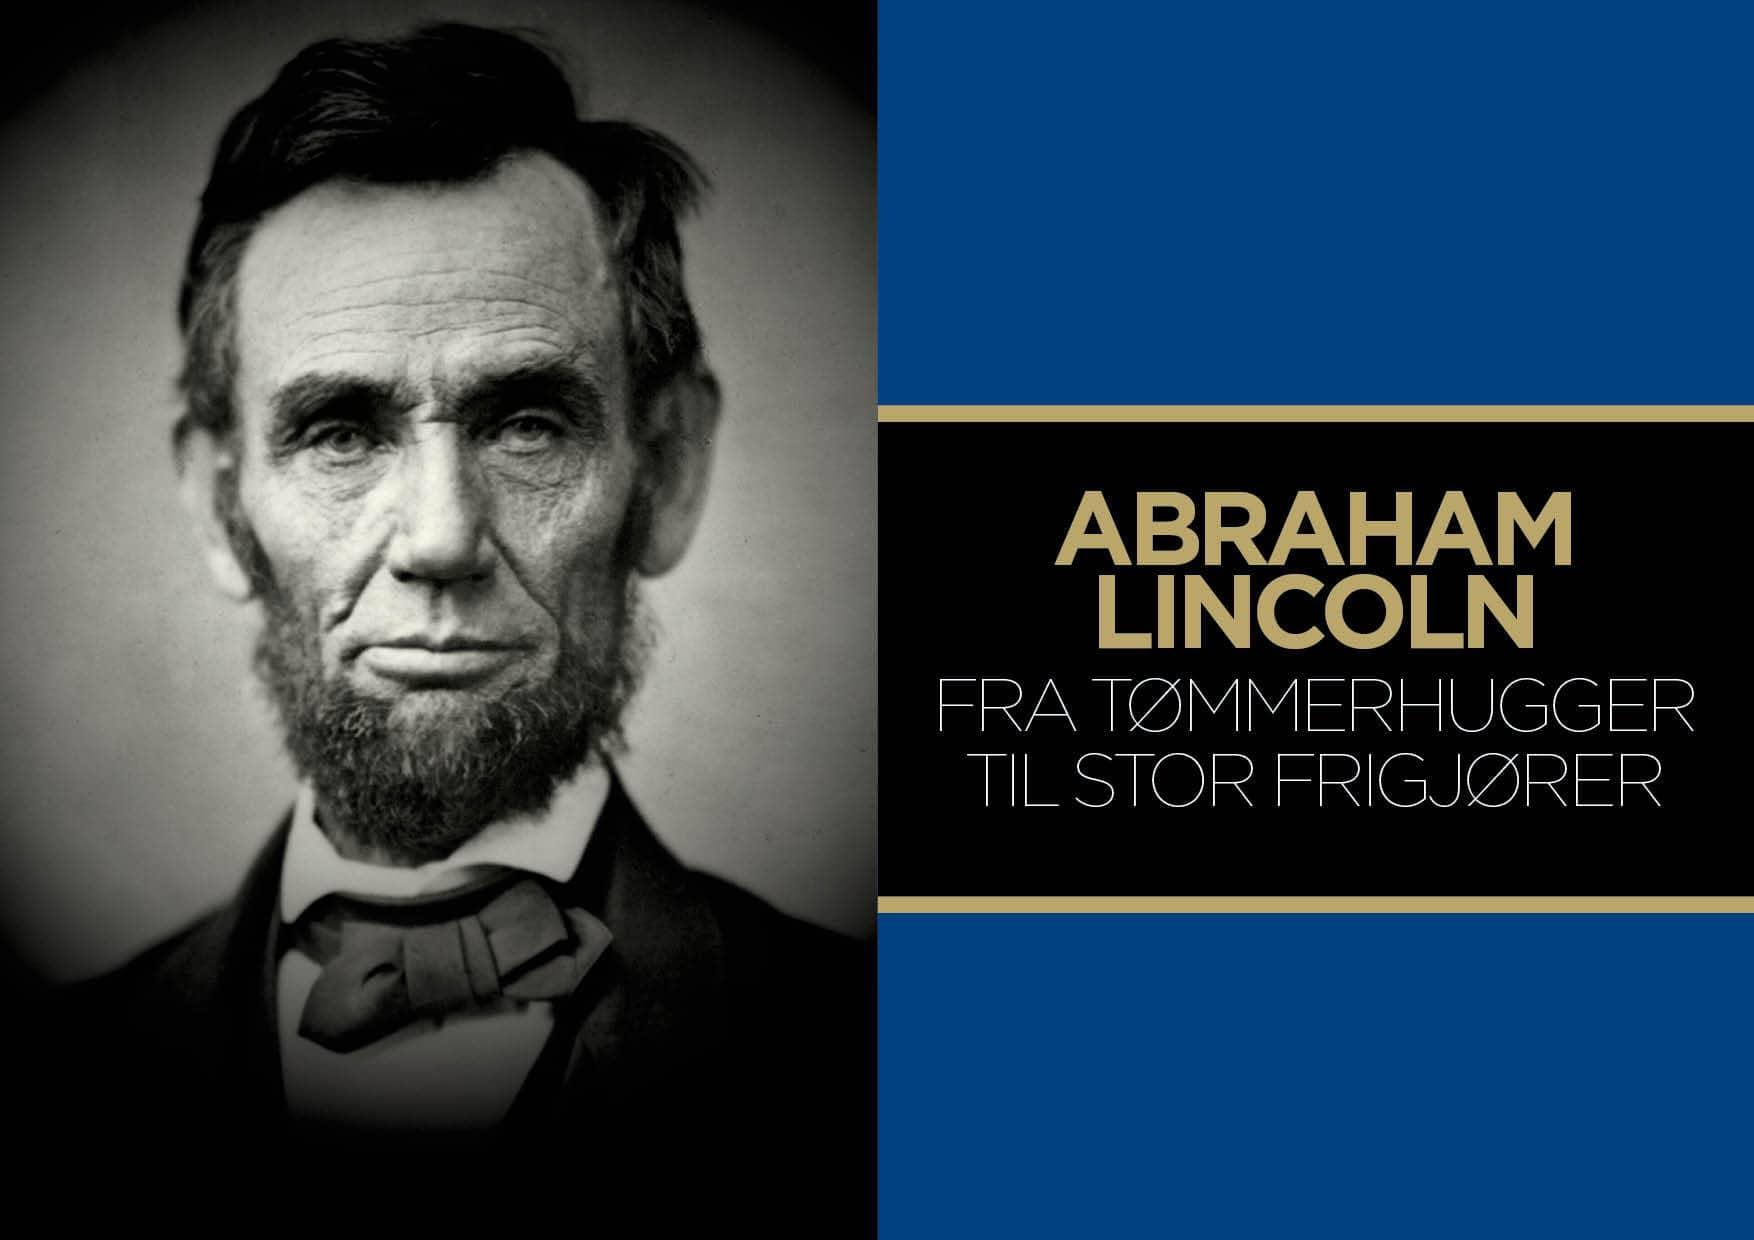 Abraham Lincoln – Fra tømmerhugger til stor frigjører